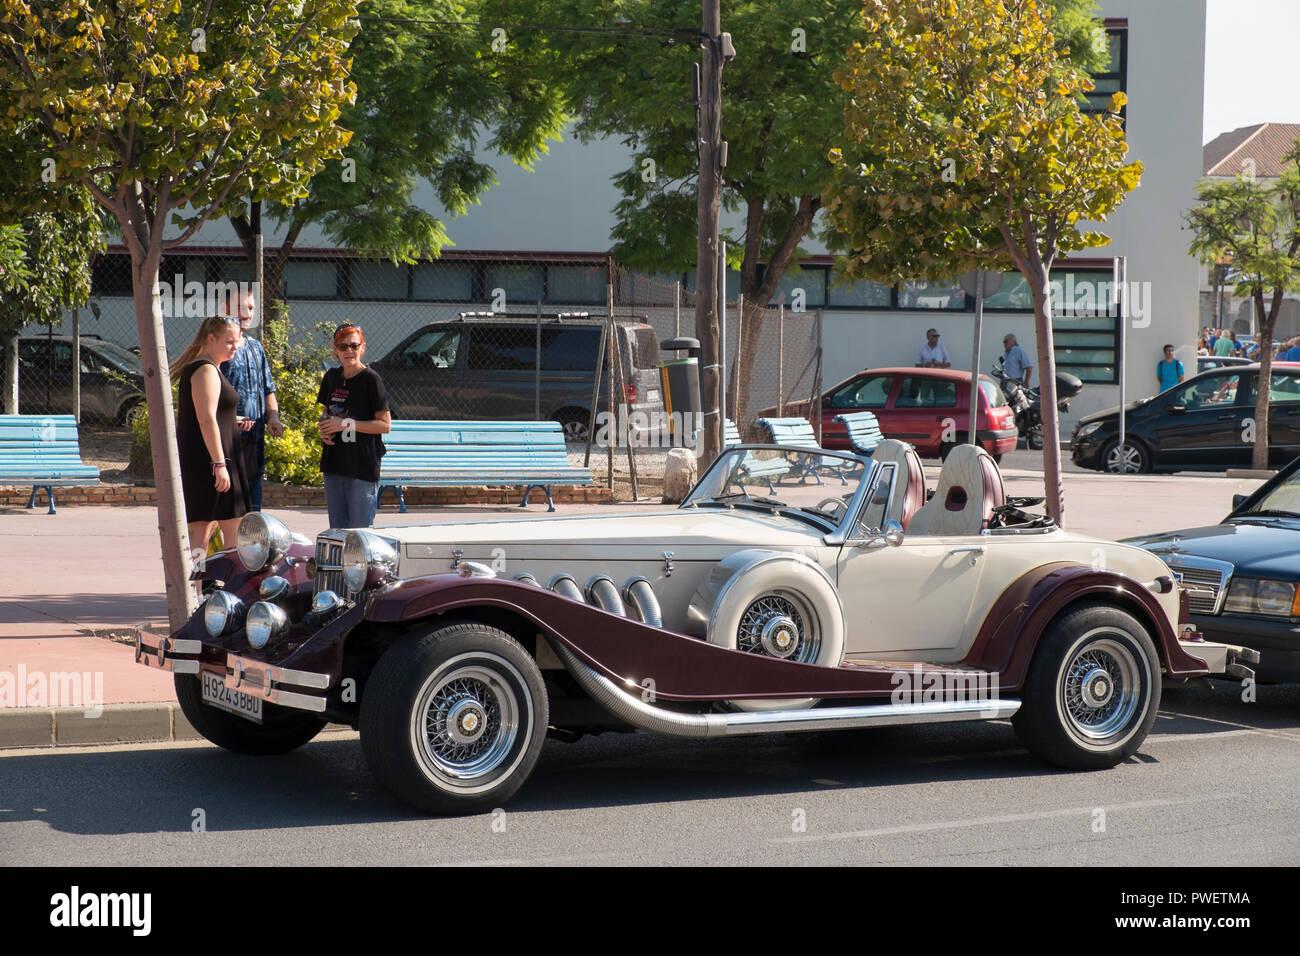 Gatsby. Reunión de coches clásicos en Torremolinos, Málaga, España. Foto de stock